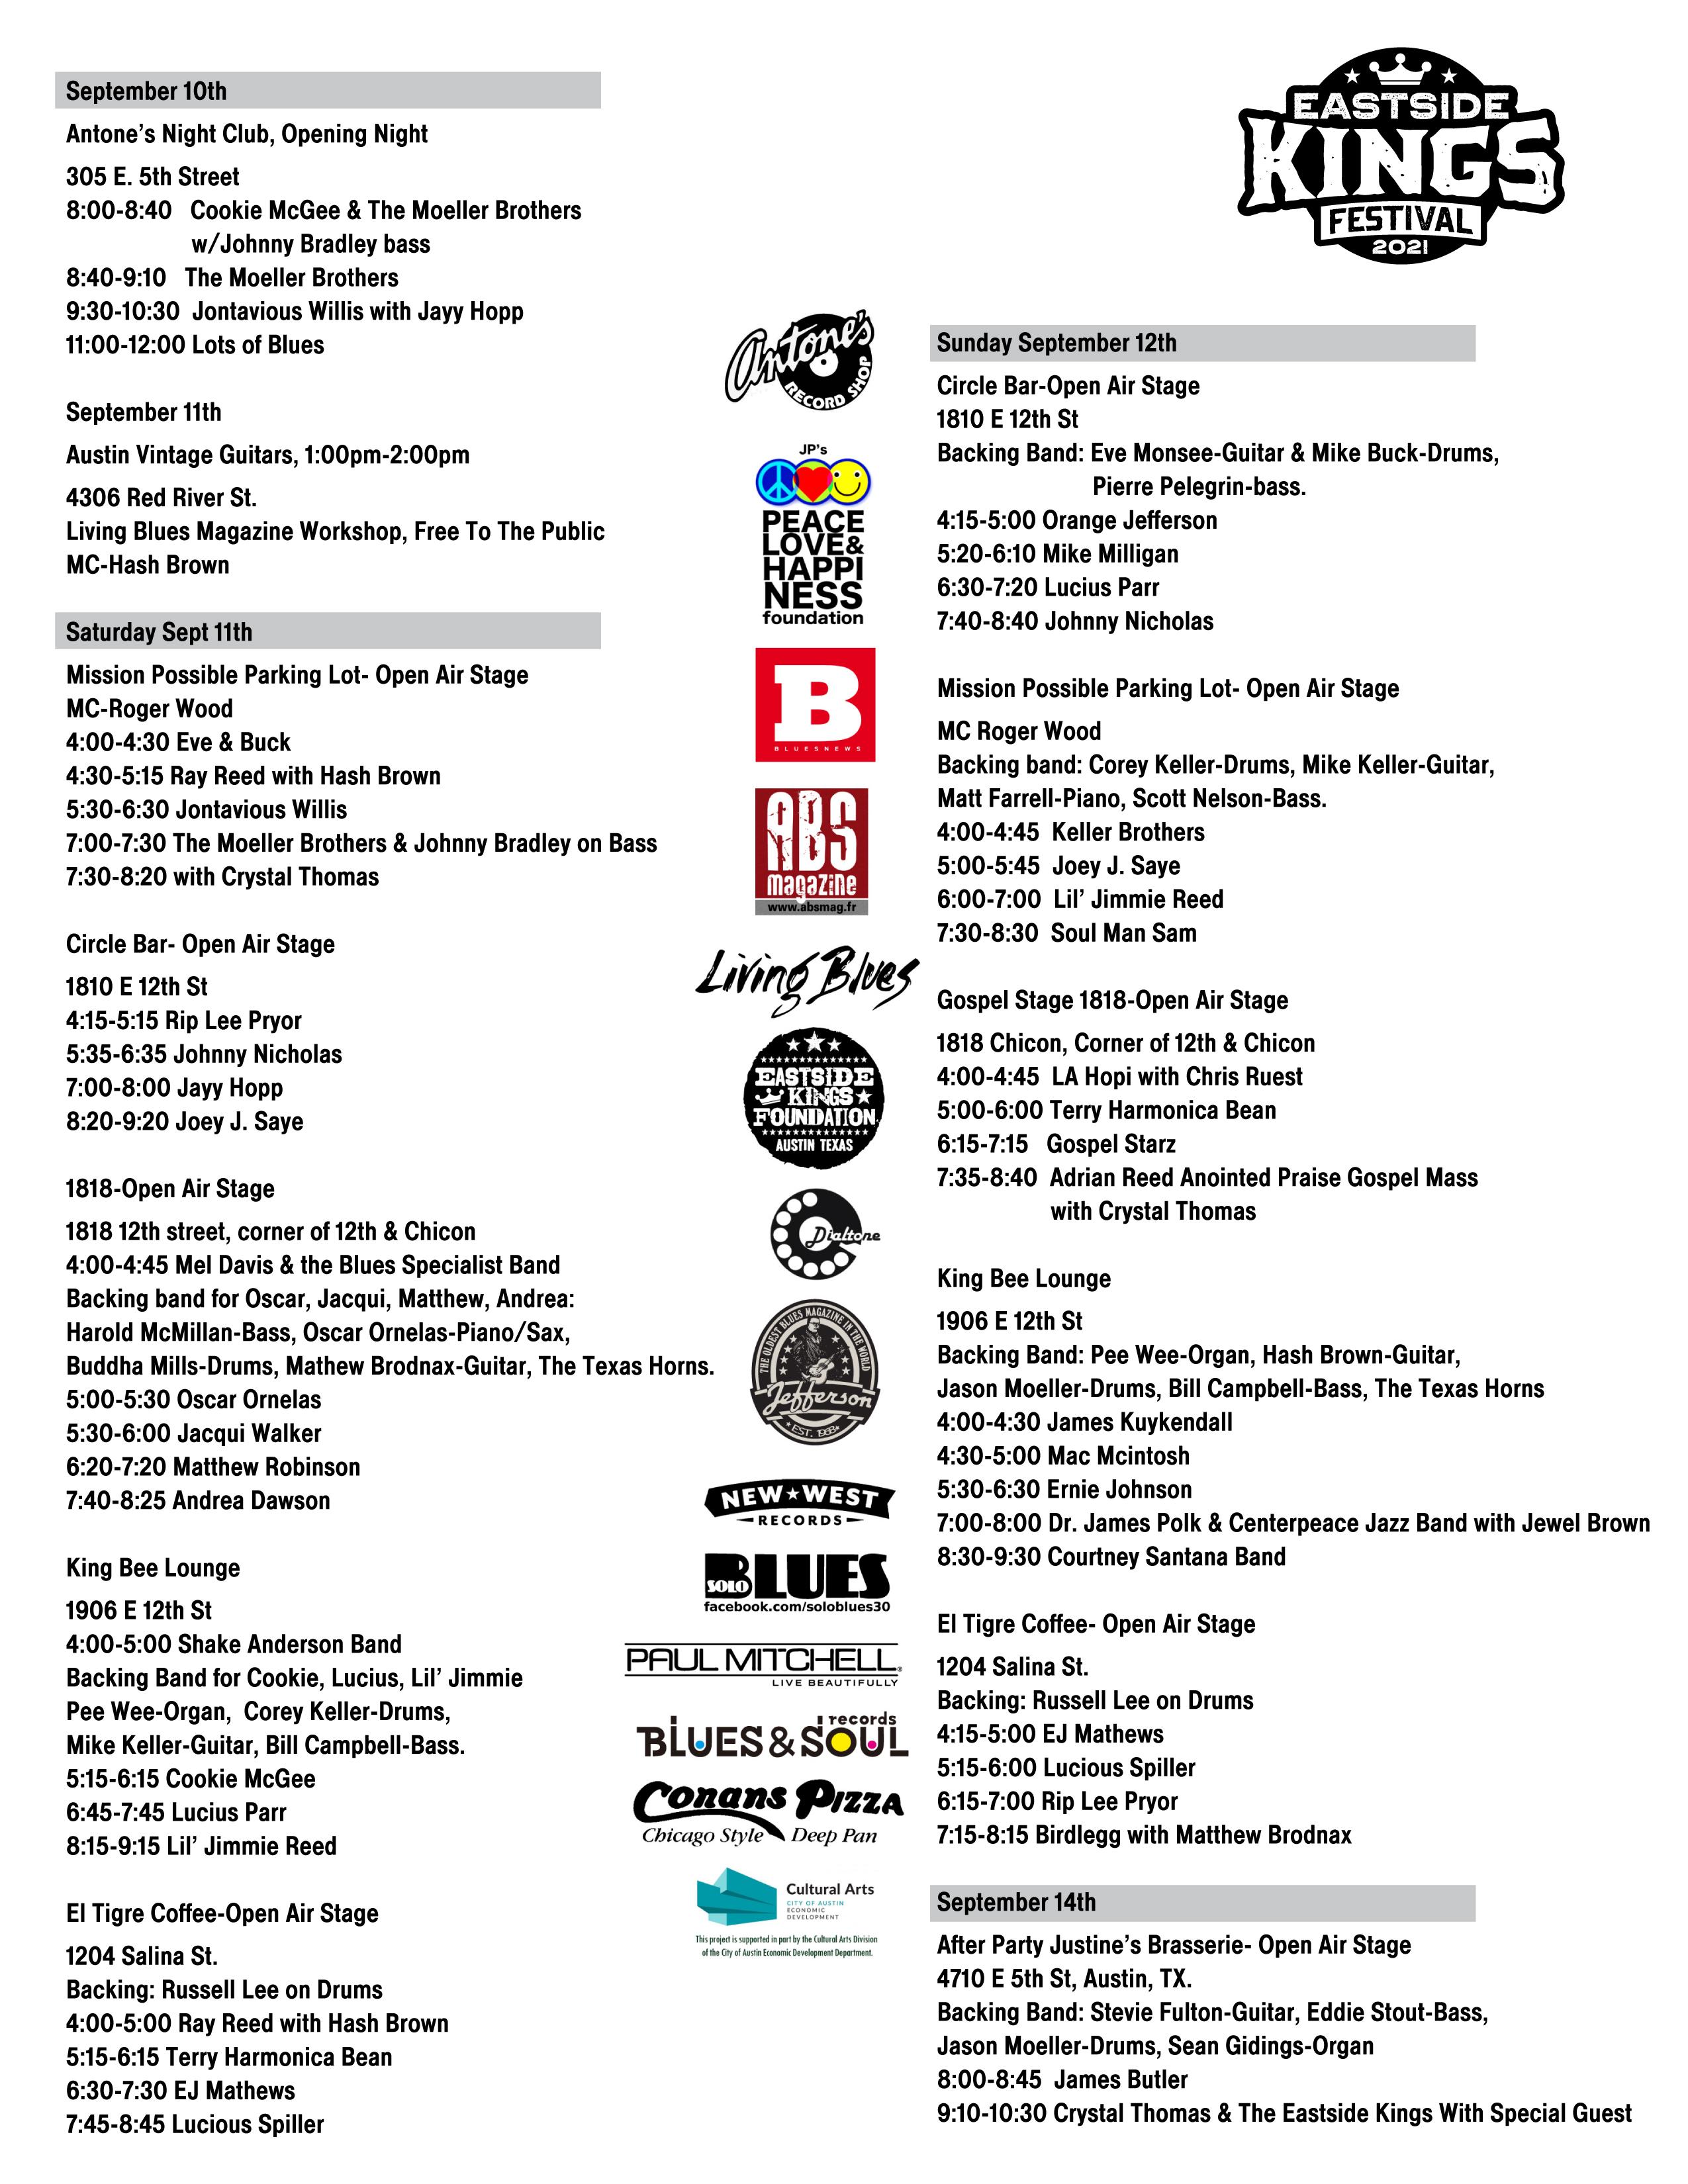 Eastside Kings Festival Schedule